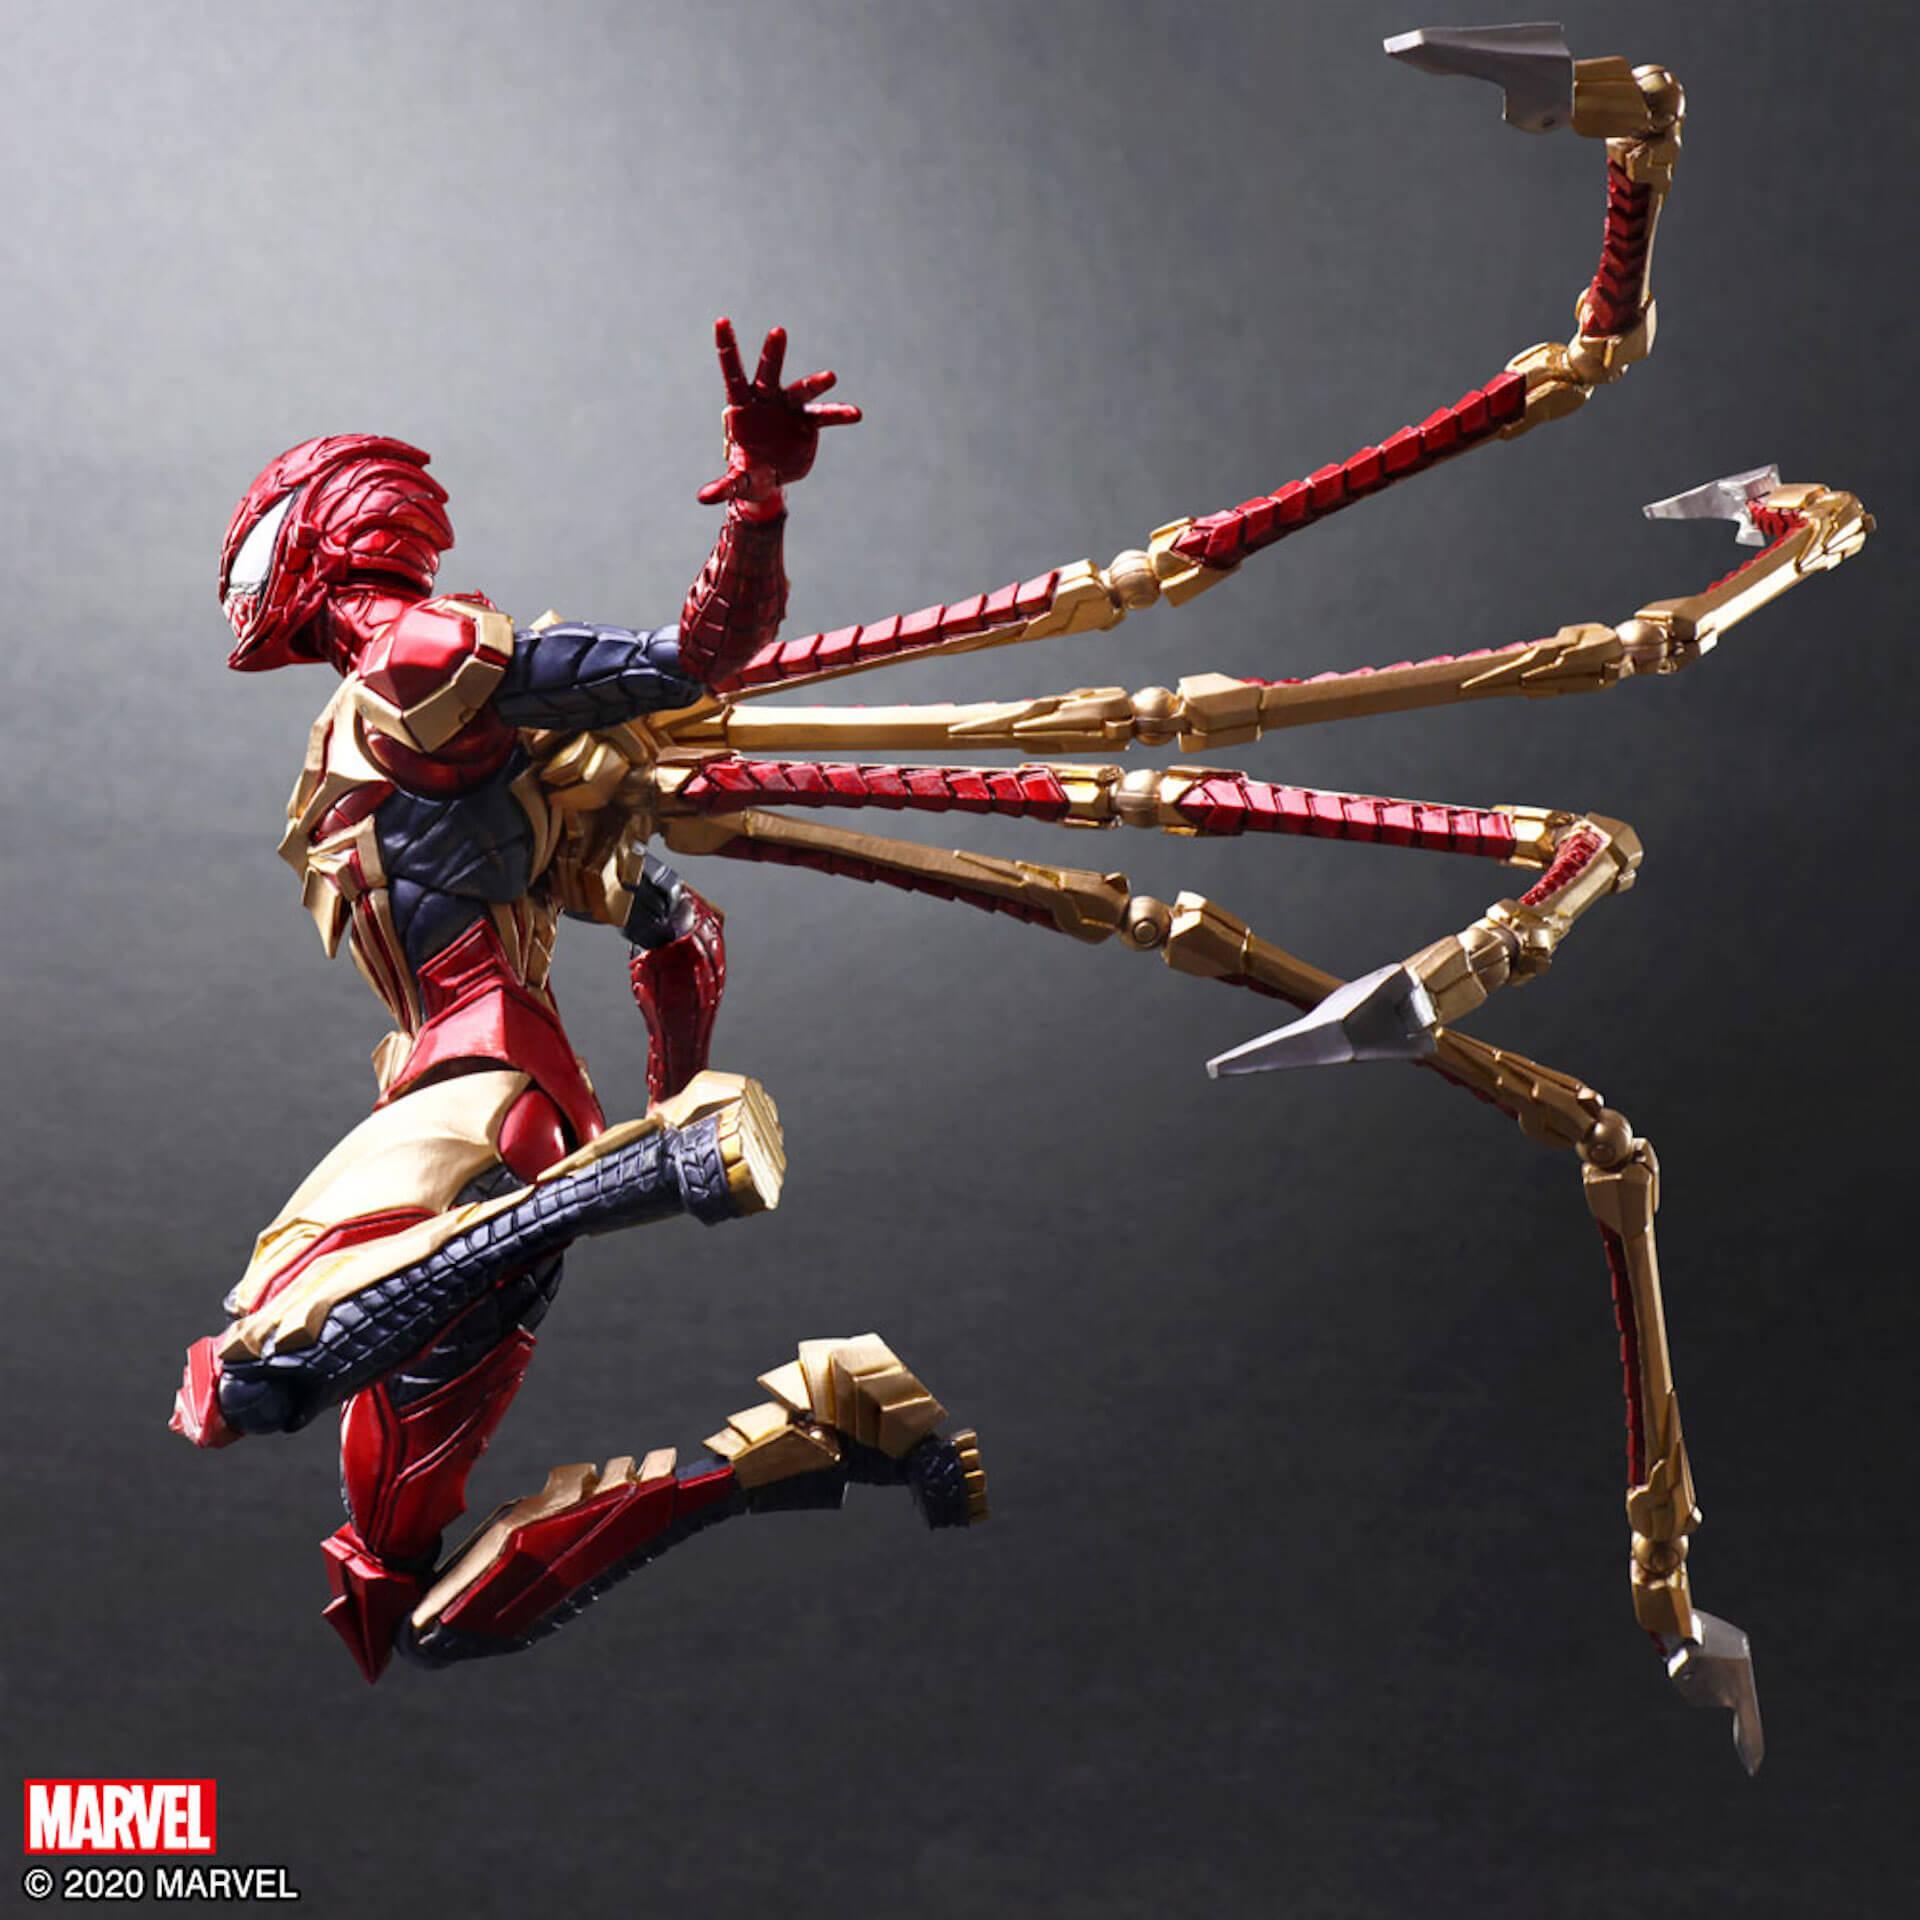 野村哲也デザインの『アイアンマン』『キャプテン・アメリカ』『スパイダーマン』フィギュアがスクウェア・エニックスのオンラインサイトで予約受付中! ac200702_marvel_nomuratesuya_22